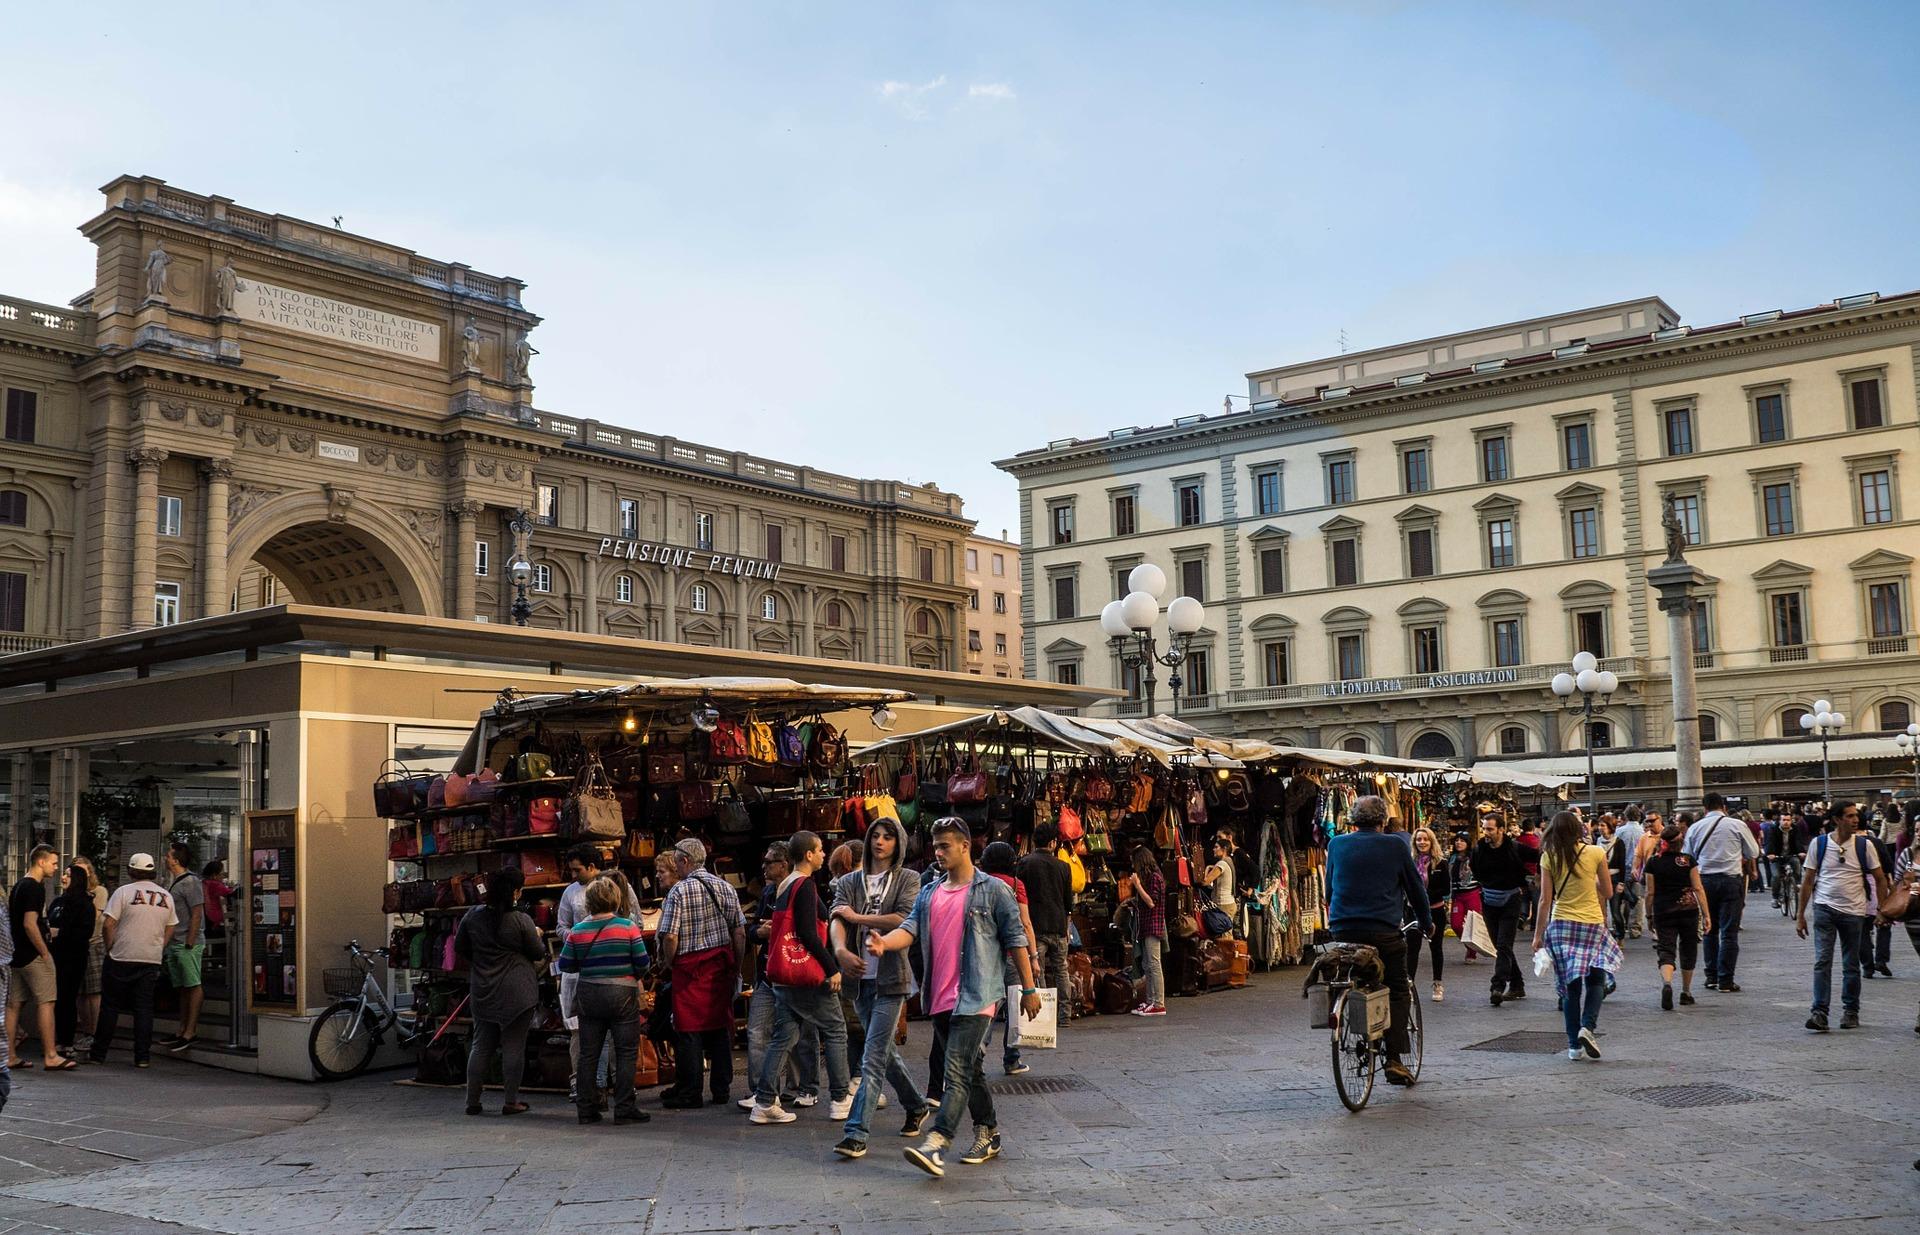 Mercado de florença e suas comidas típicas é um dos roteiros perfeitos para viagens em grupo